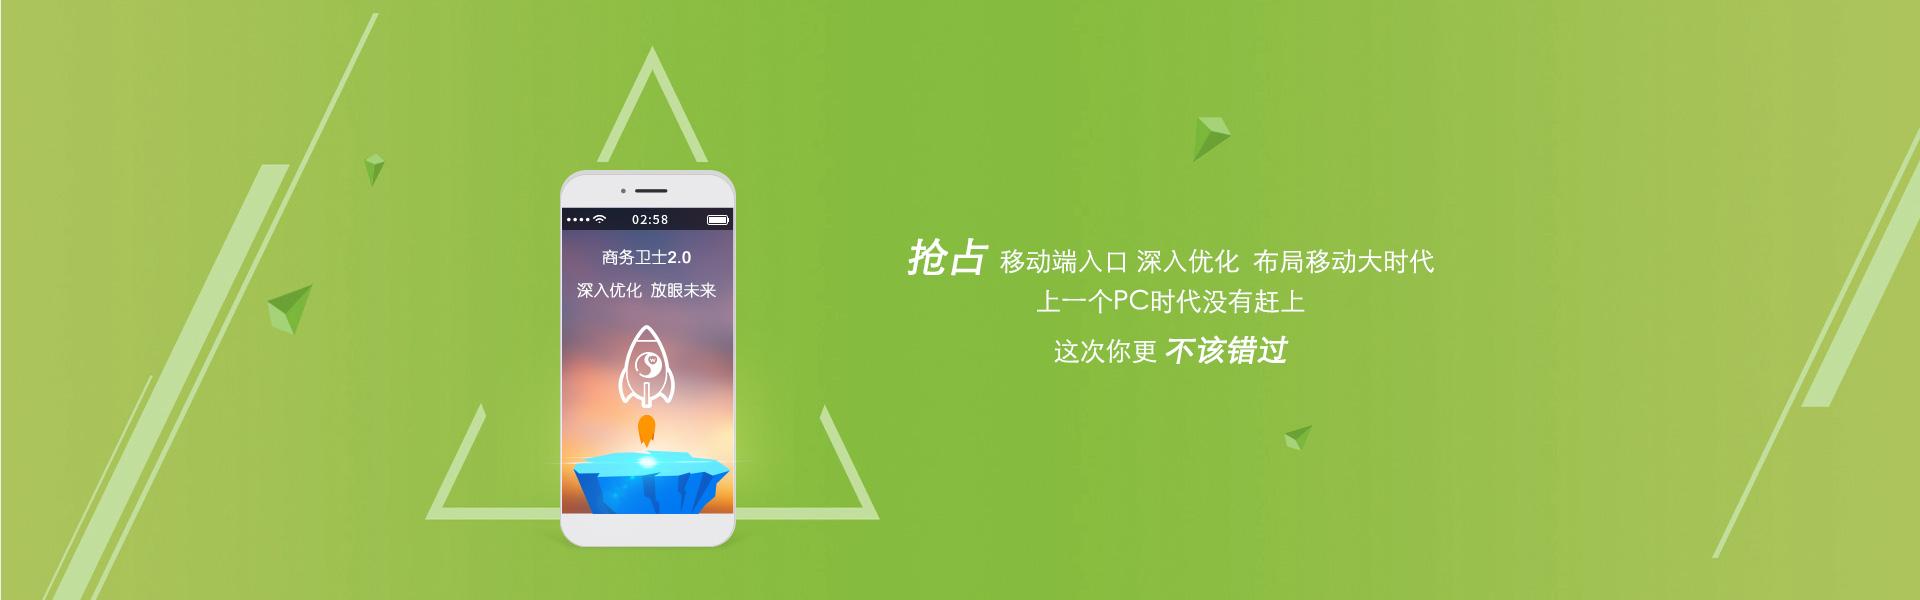 苏州苙泽物流设备有限公司